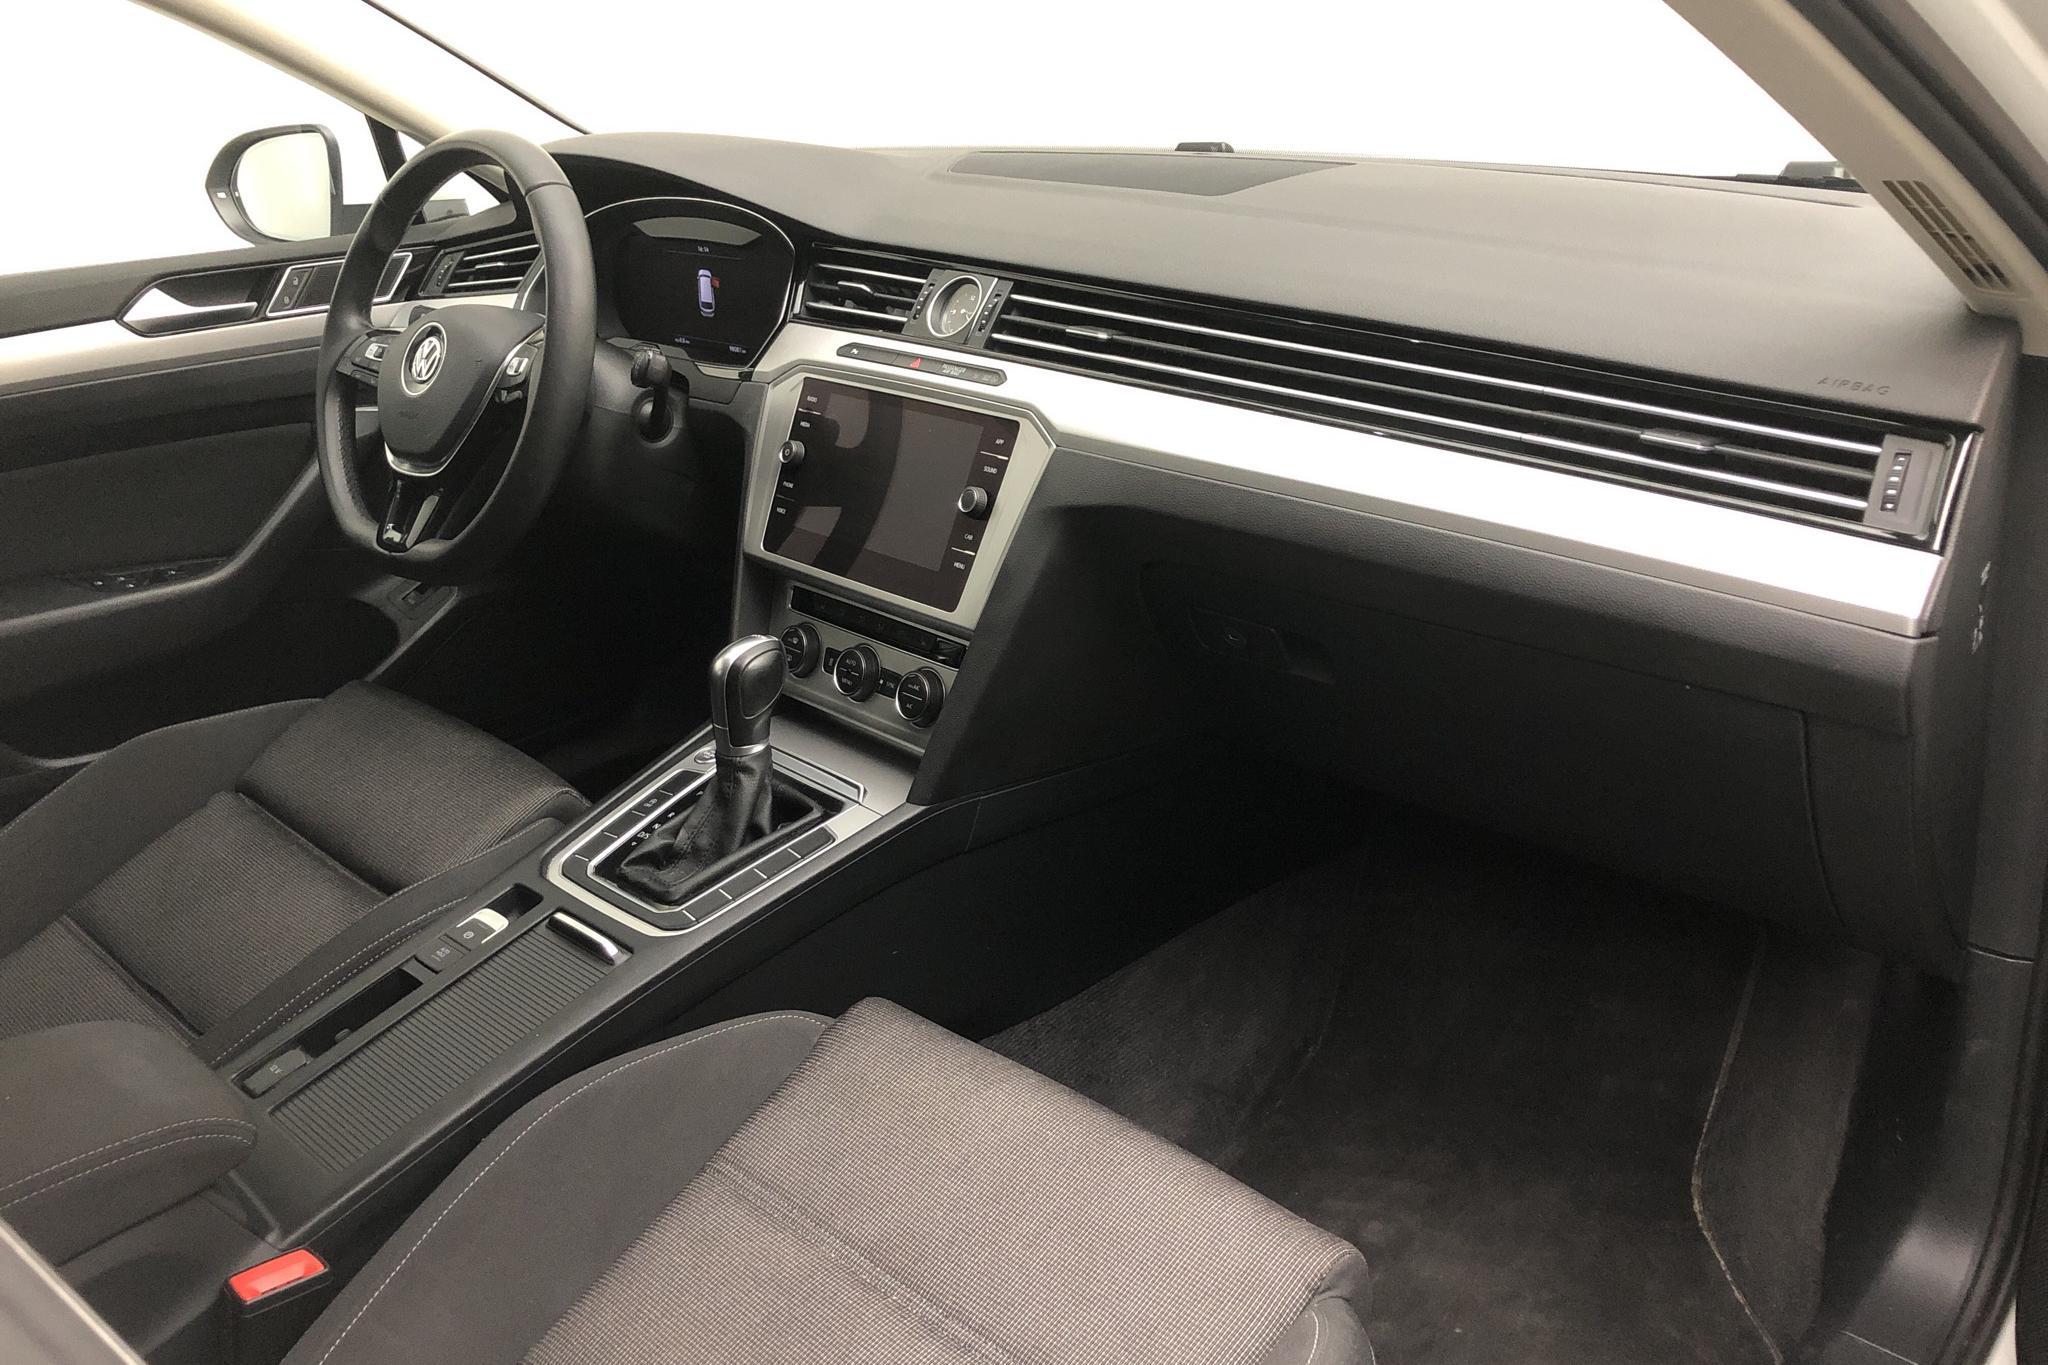 VW Passat 1.4 TSI Sportscombi (150hk) - 9 809 mil - Automat - vit - 2018